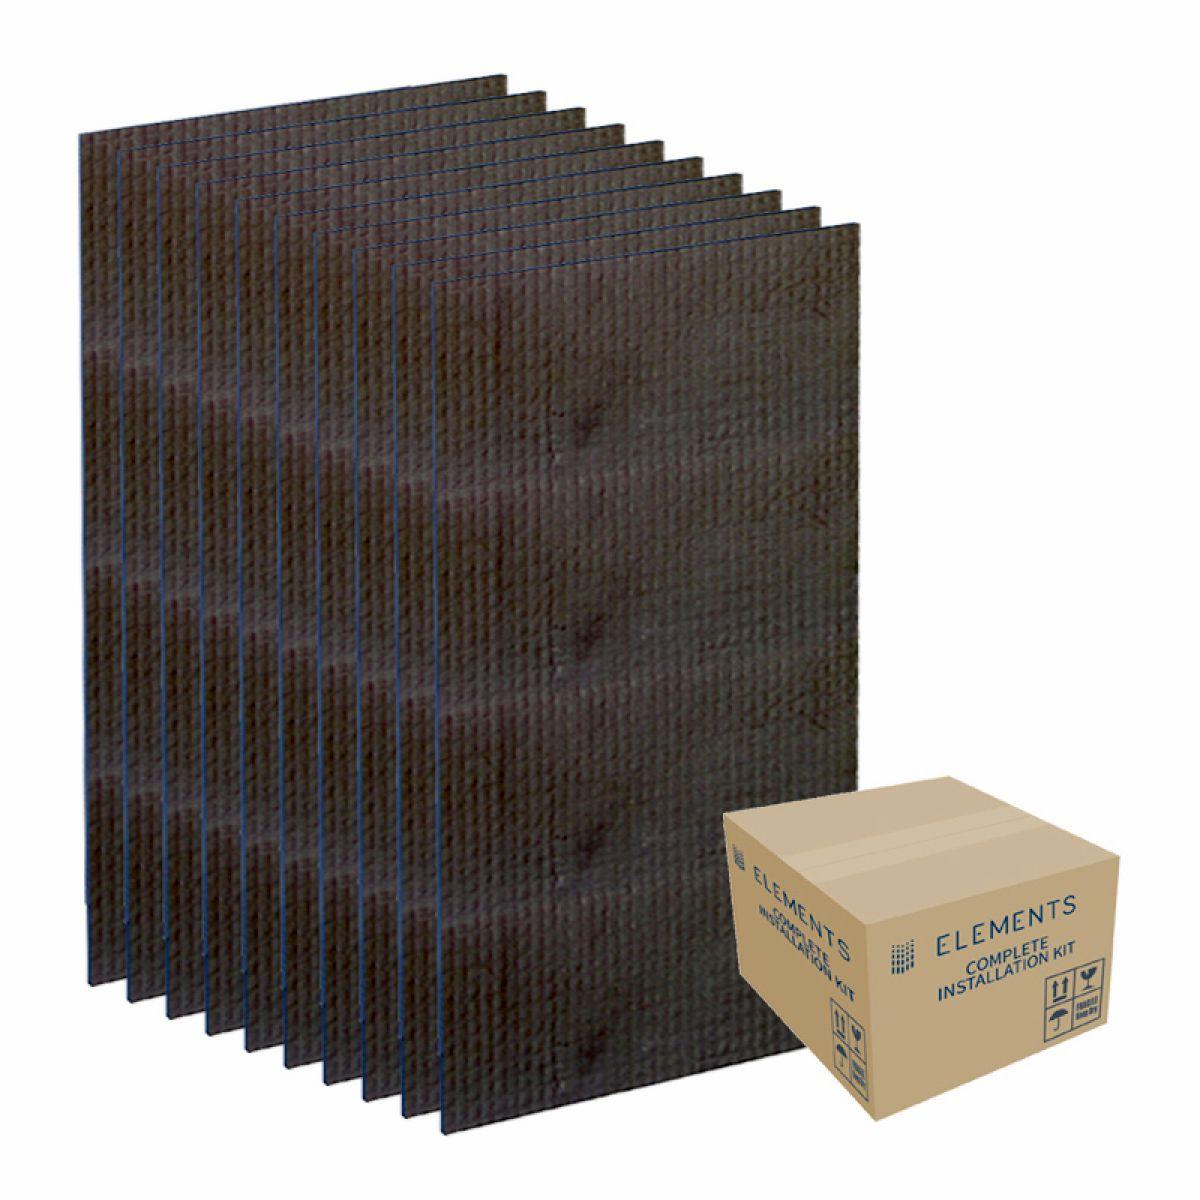 Abacus Elements Backer Board Kit